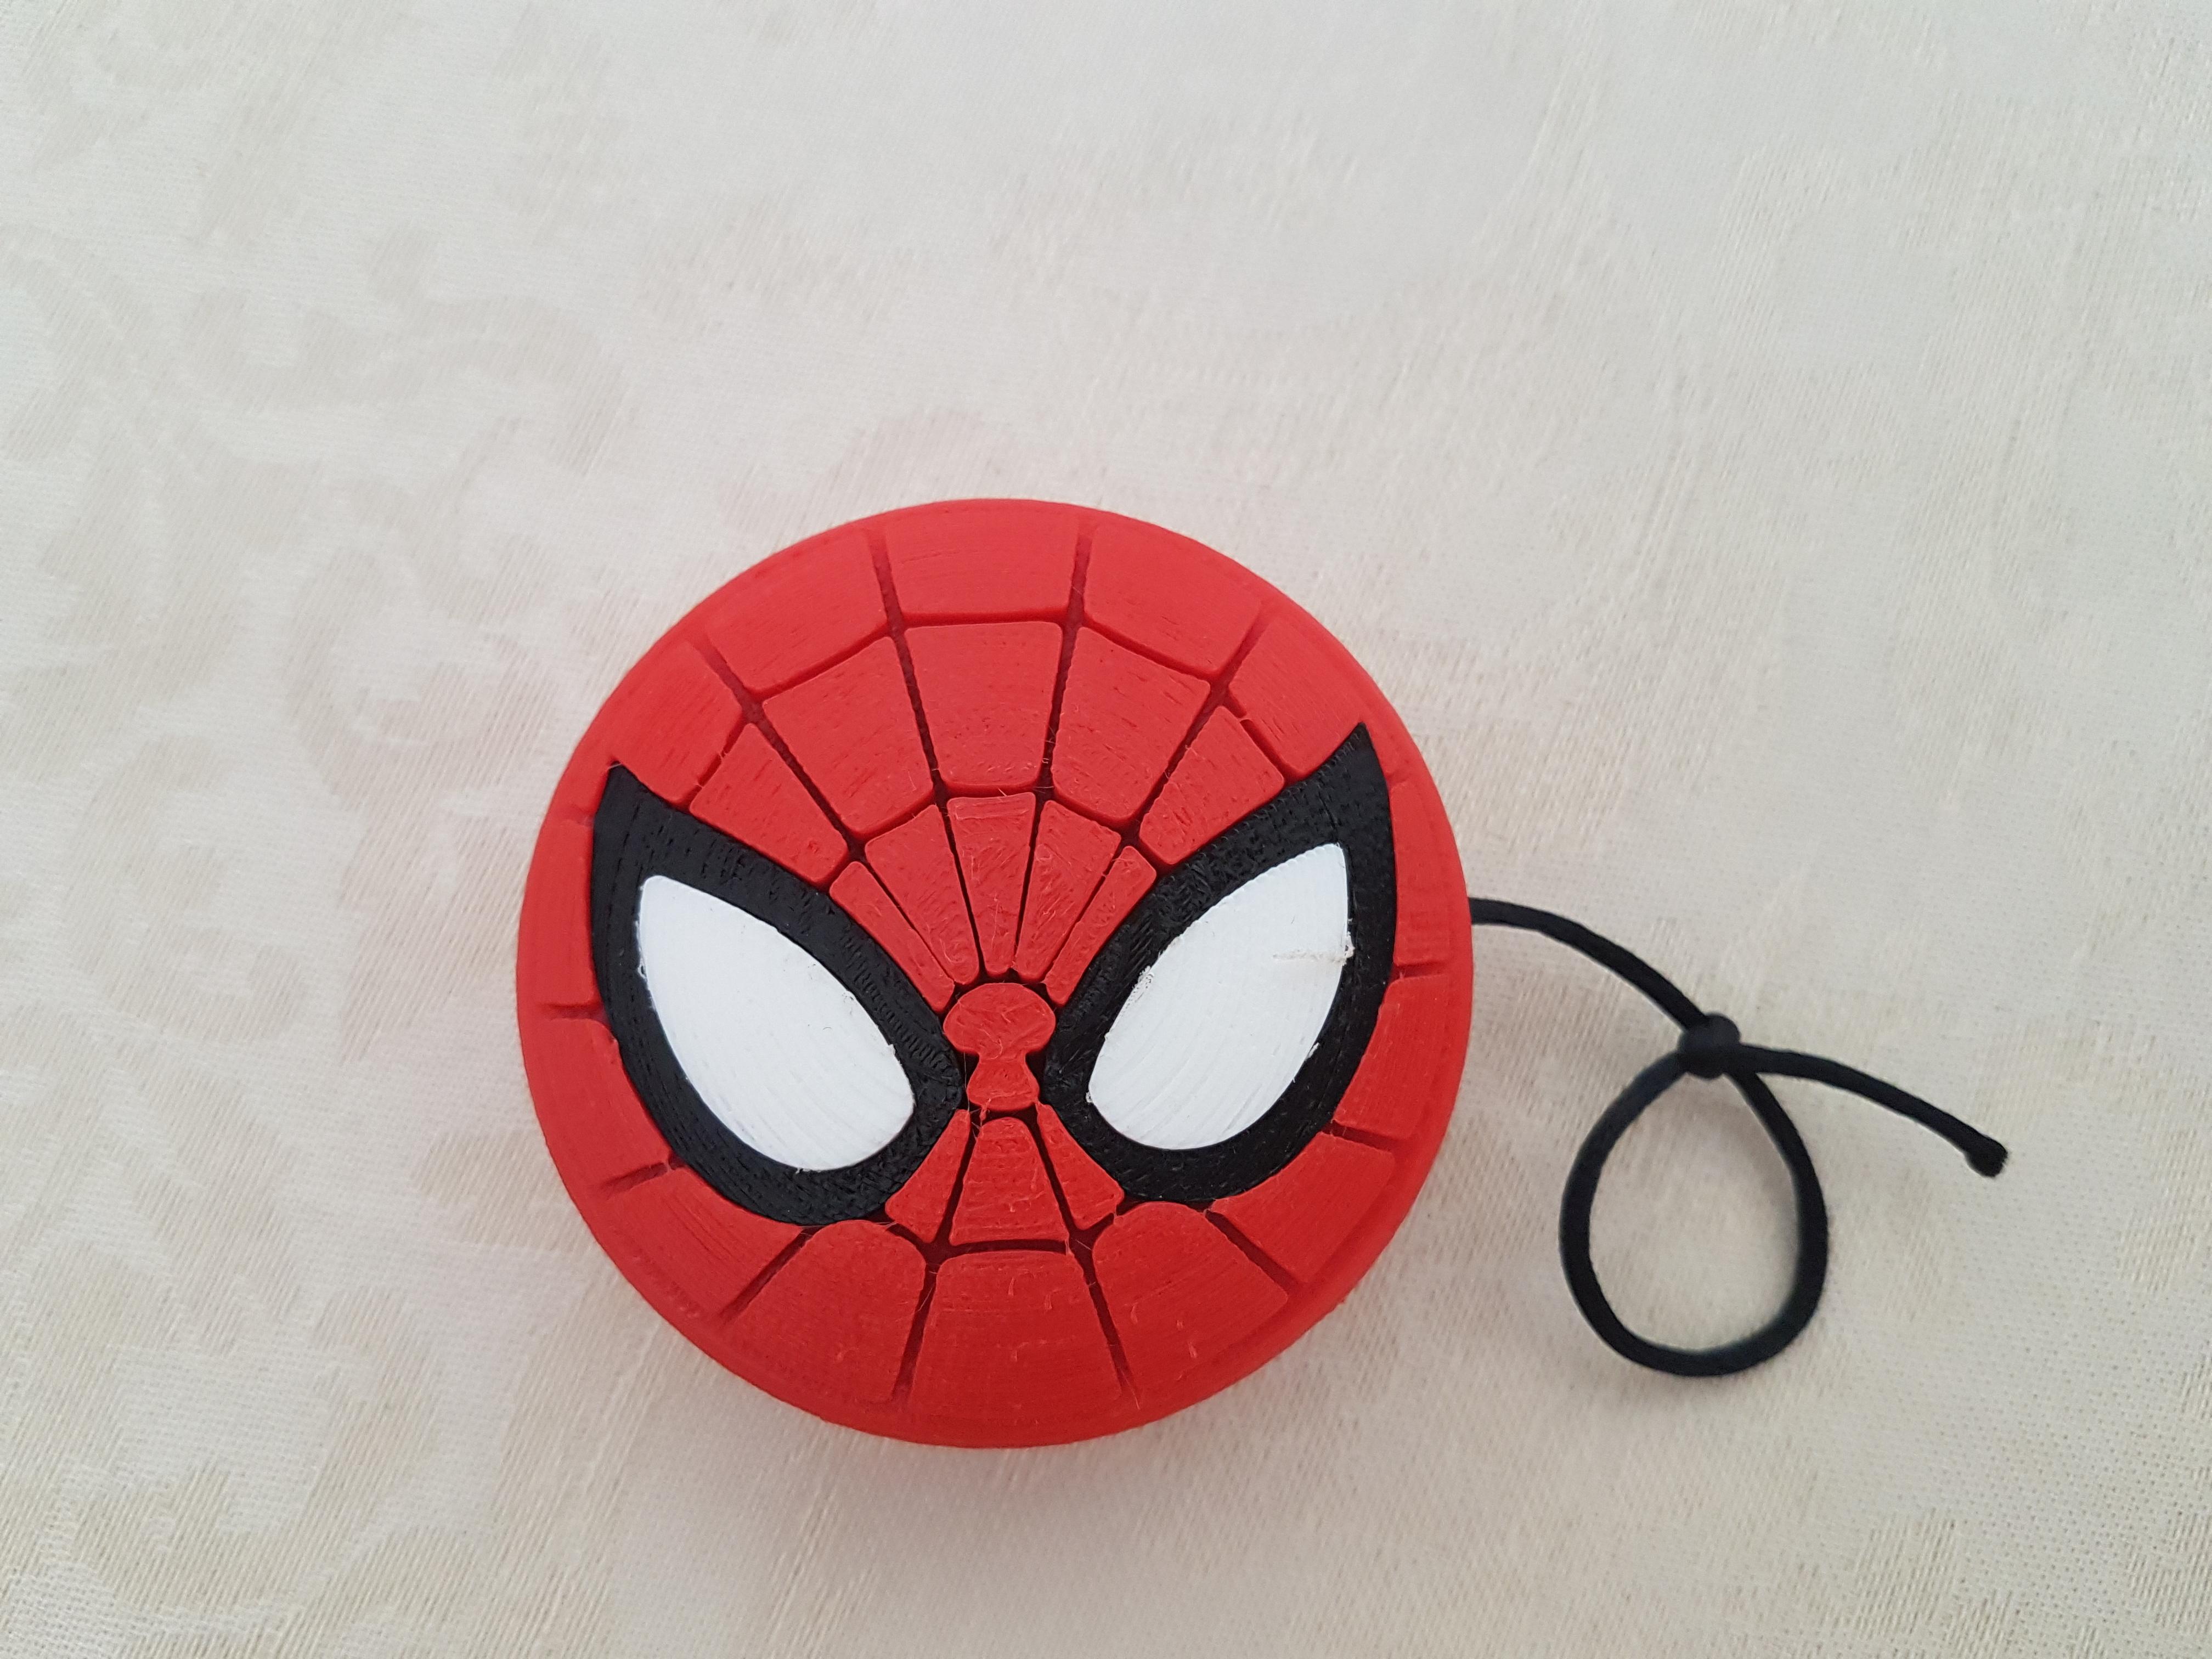 2017-07-26_18.09.27.jpg Télécharger fichier STL gratuit Spiderman yoyo • Modèle à imprimer en 3D, lolo_aguirre